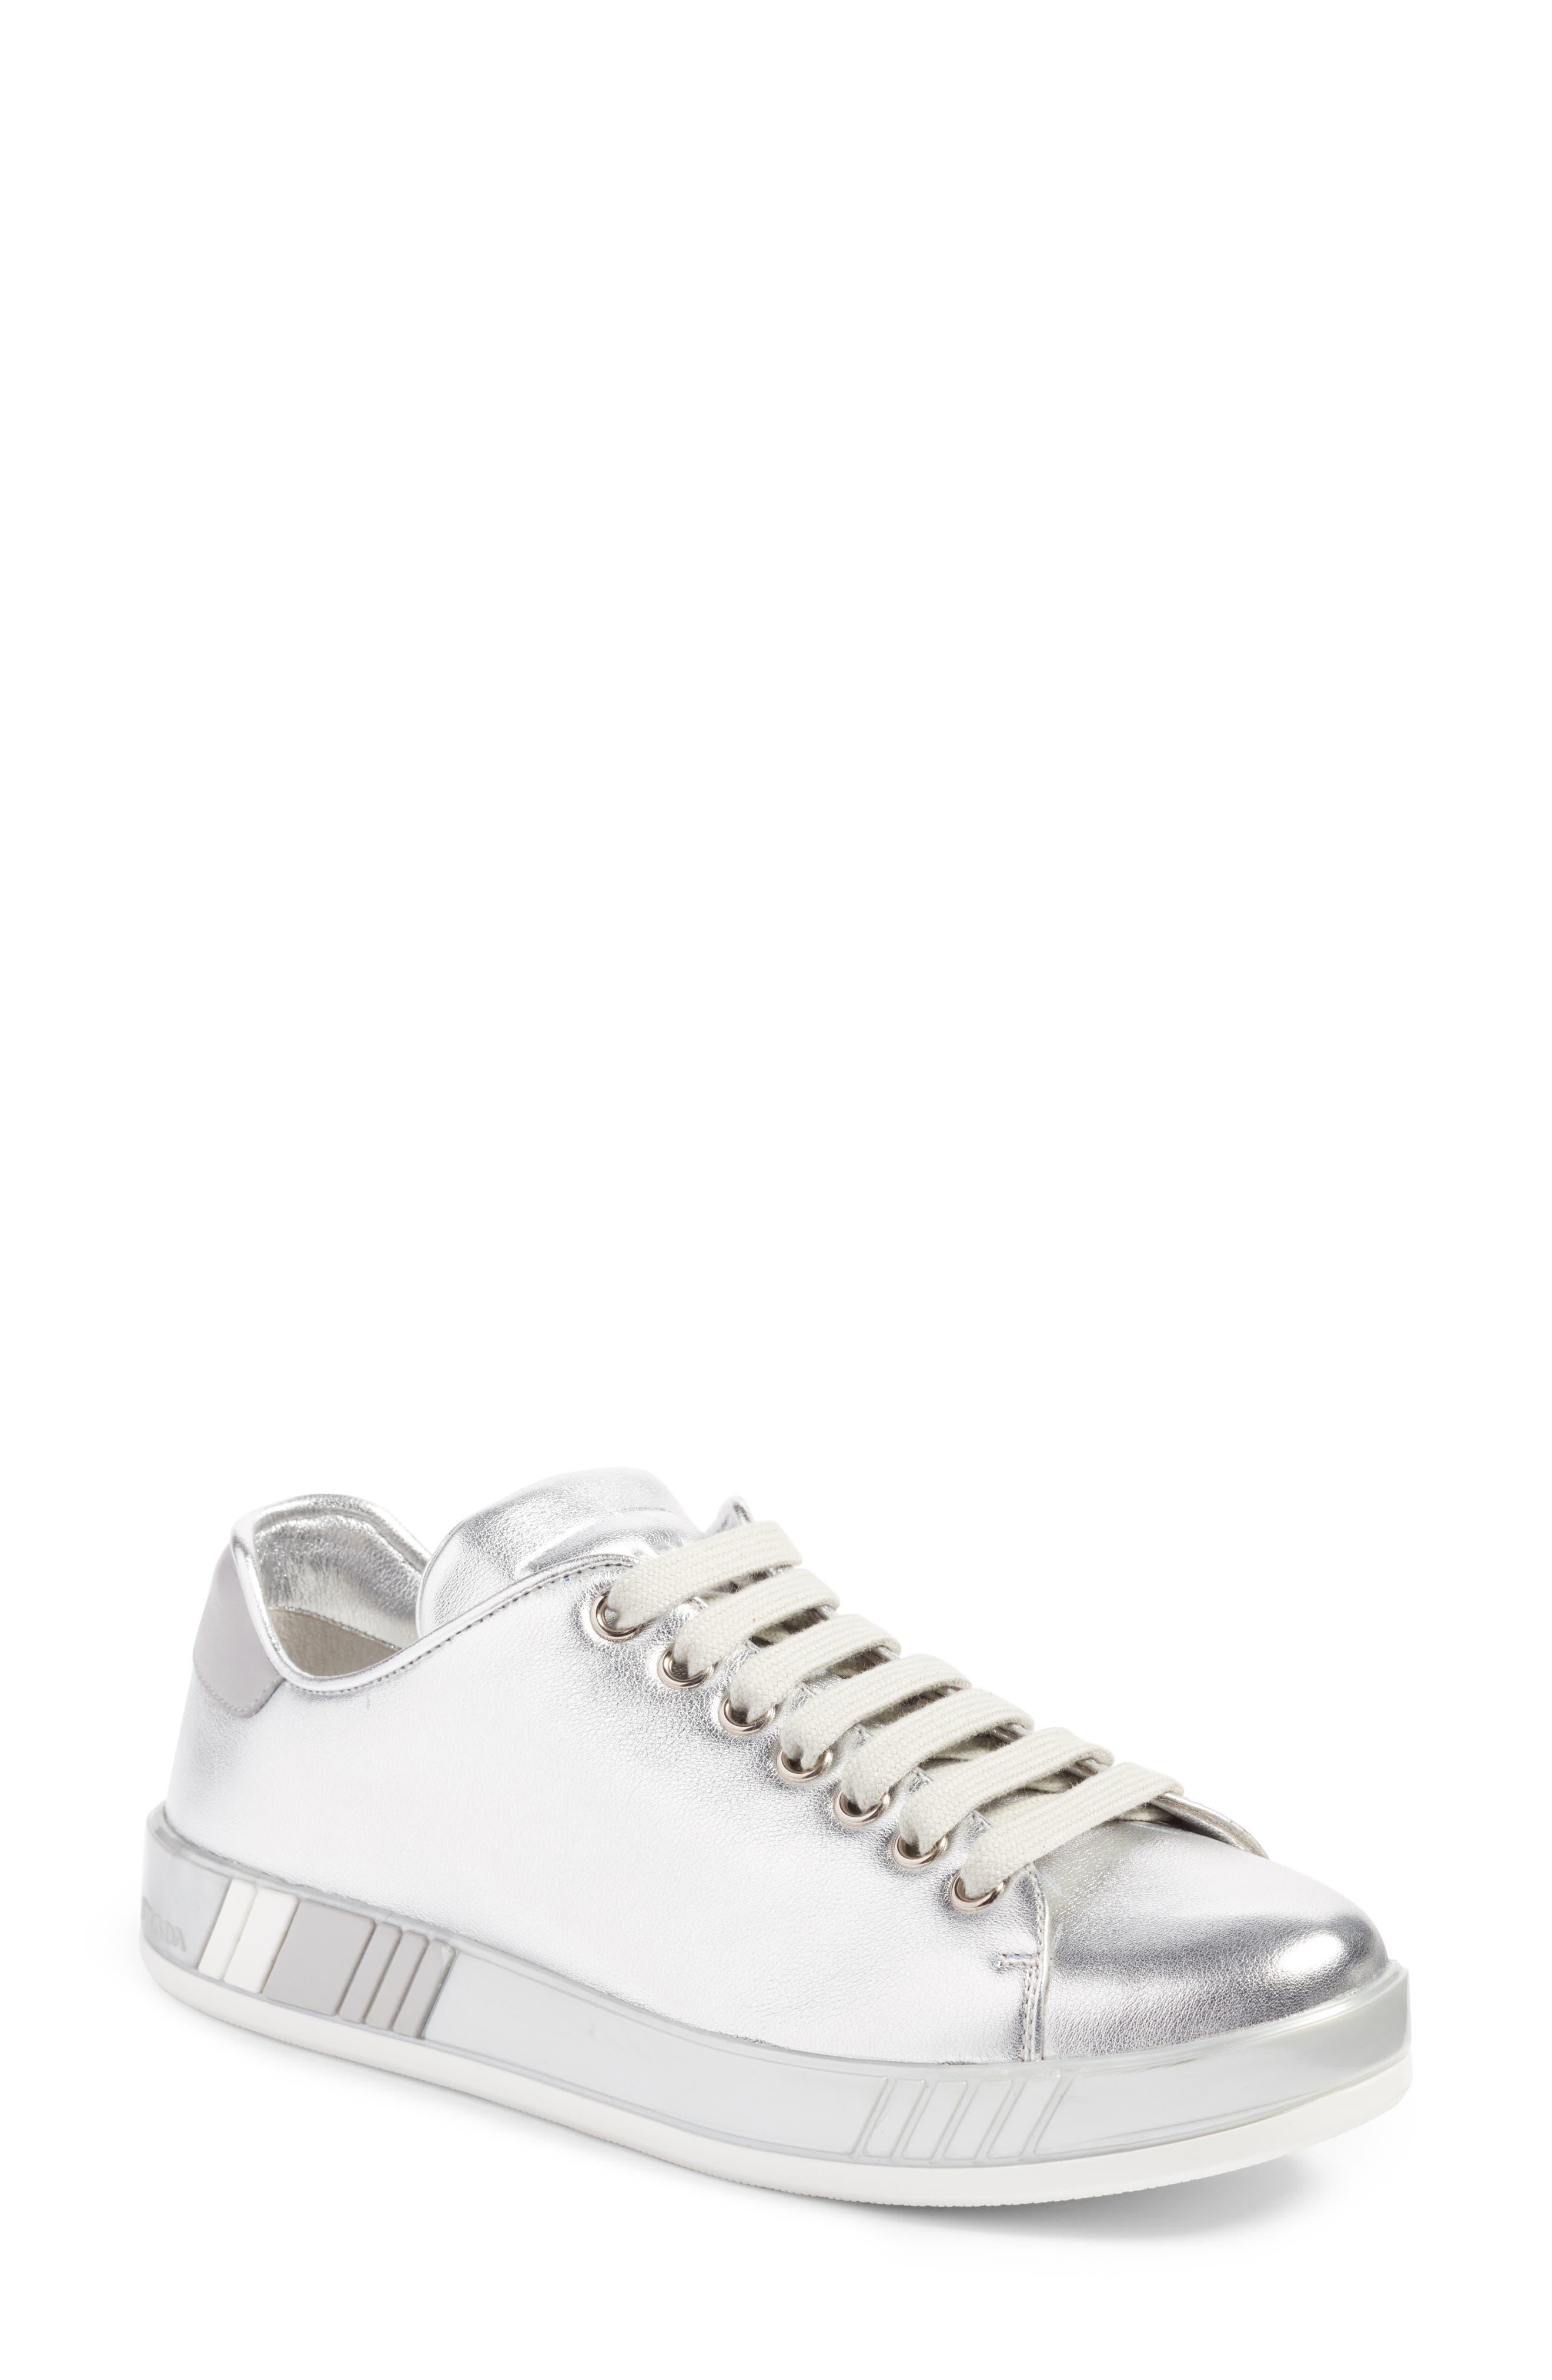 Main Image - Prada Low Top Sneaker (Women)